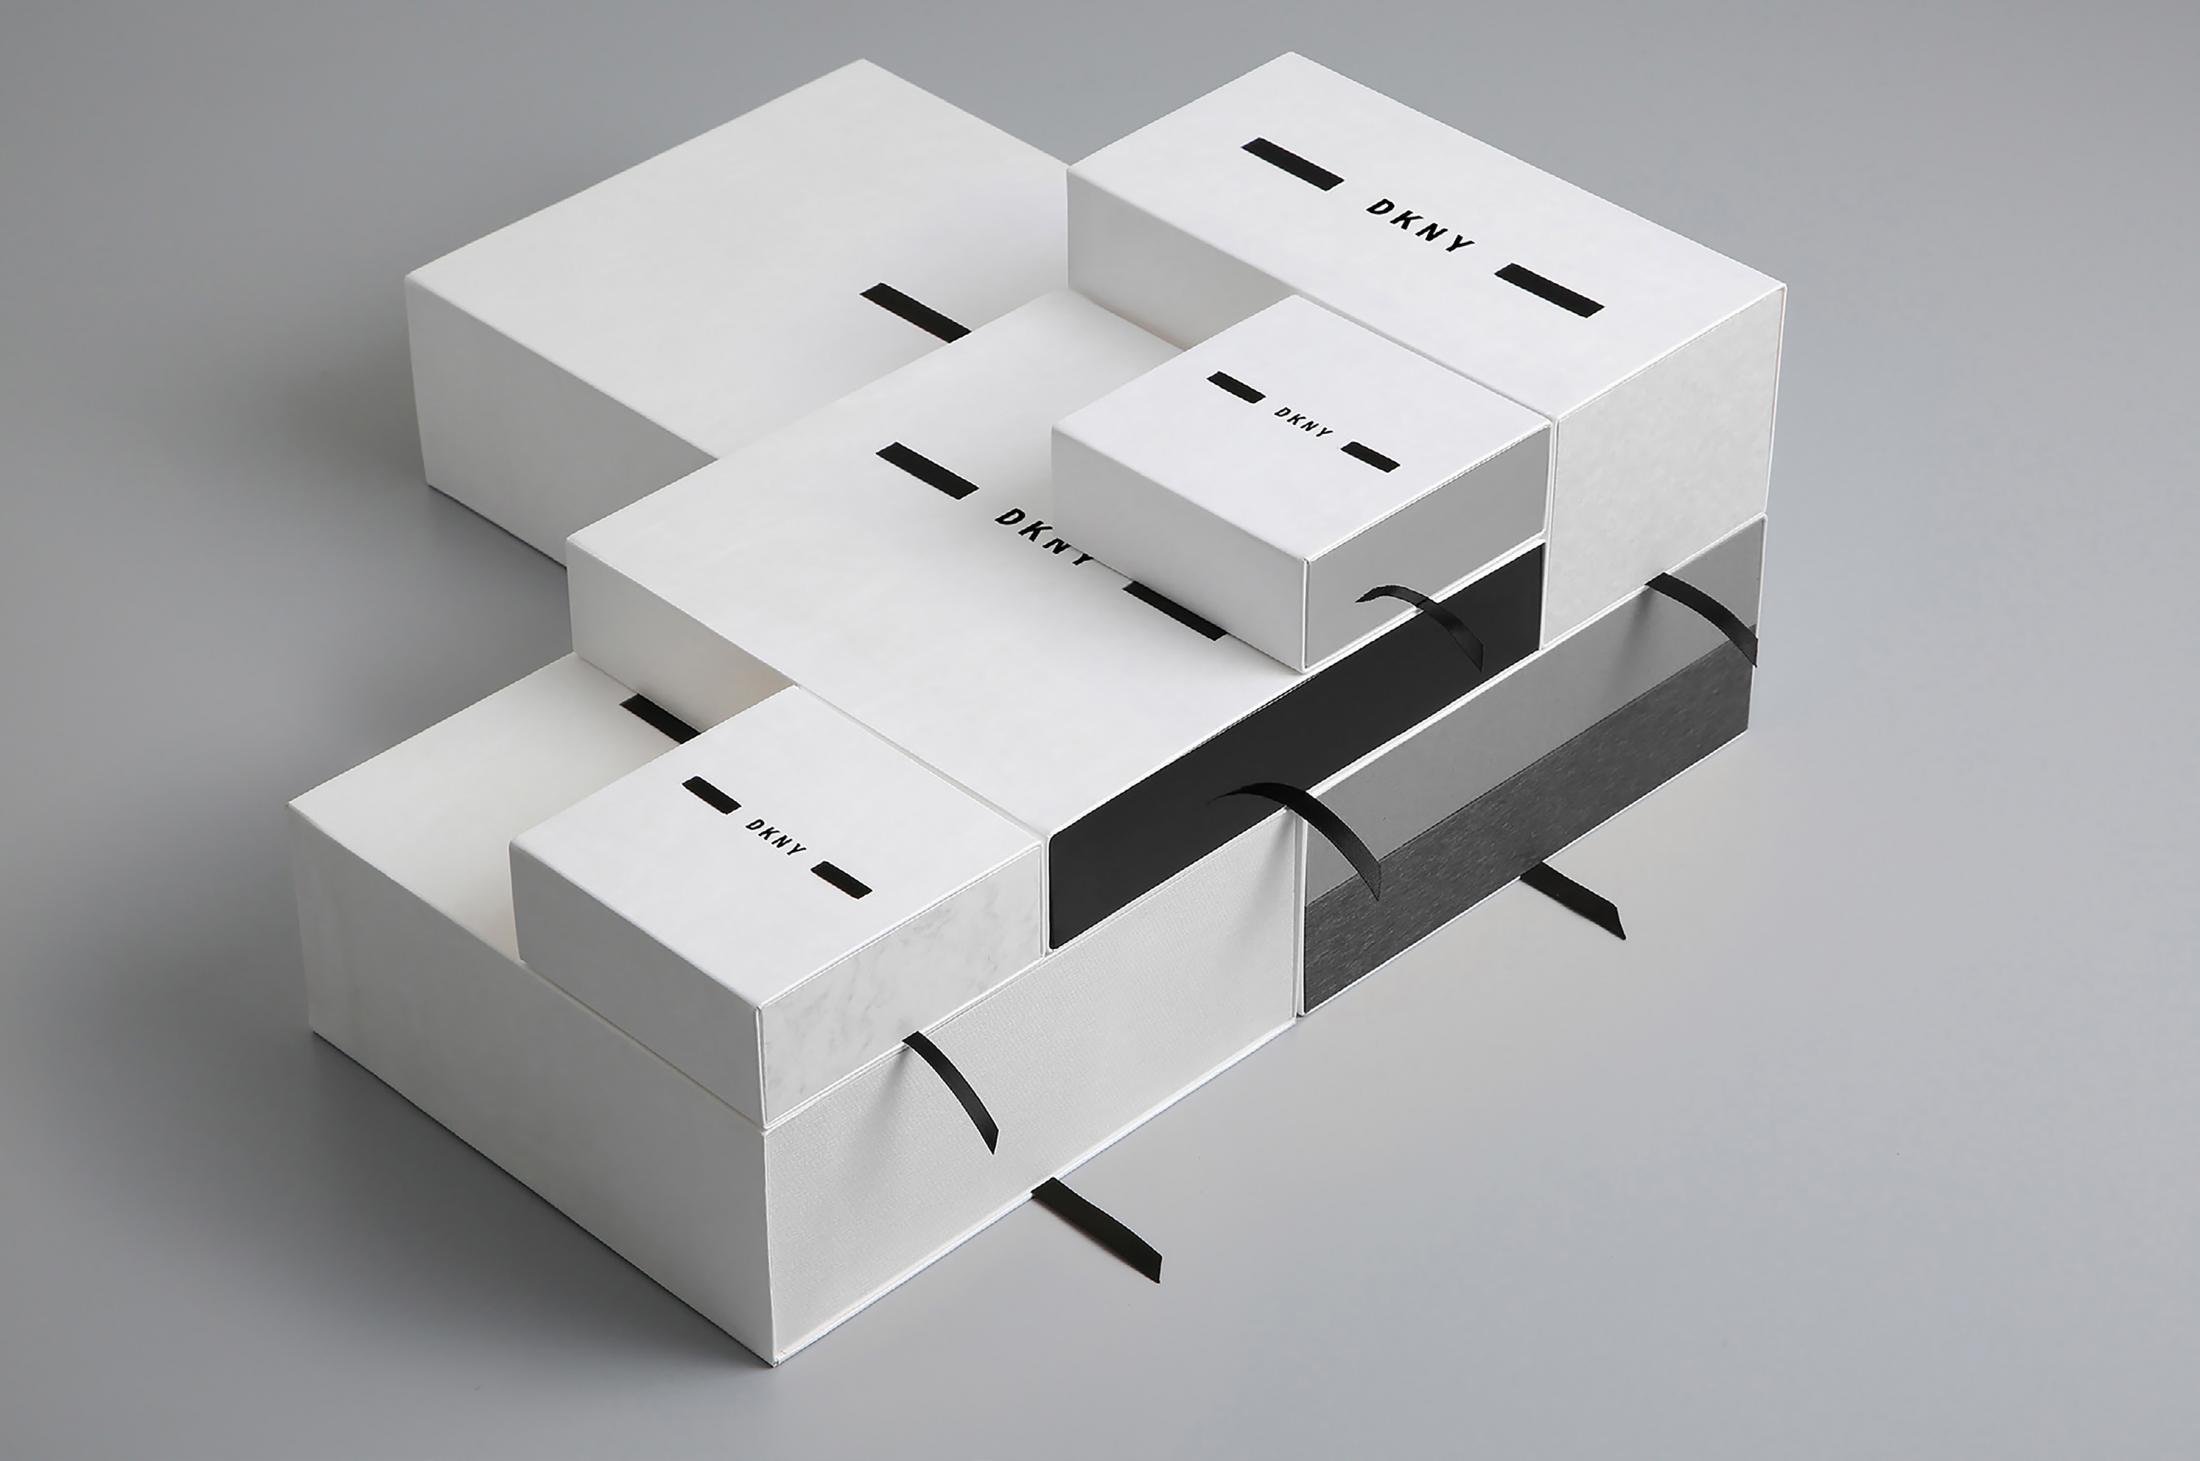 Thumbnail for DKNY Packaging Program